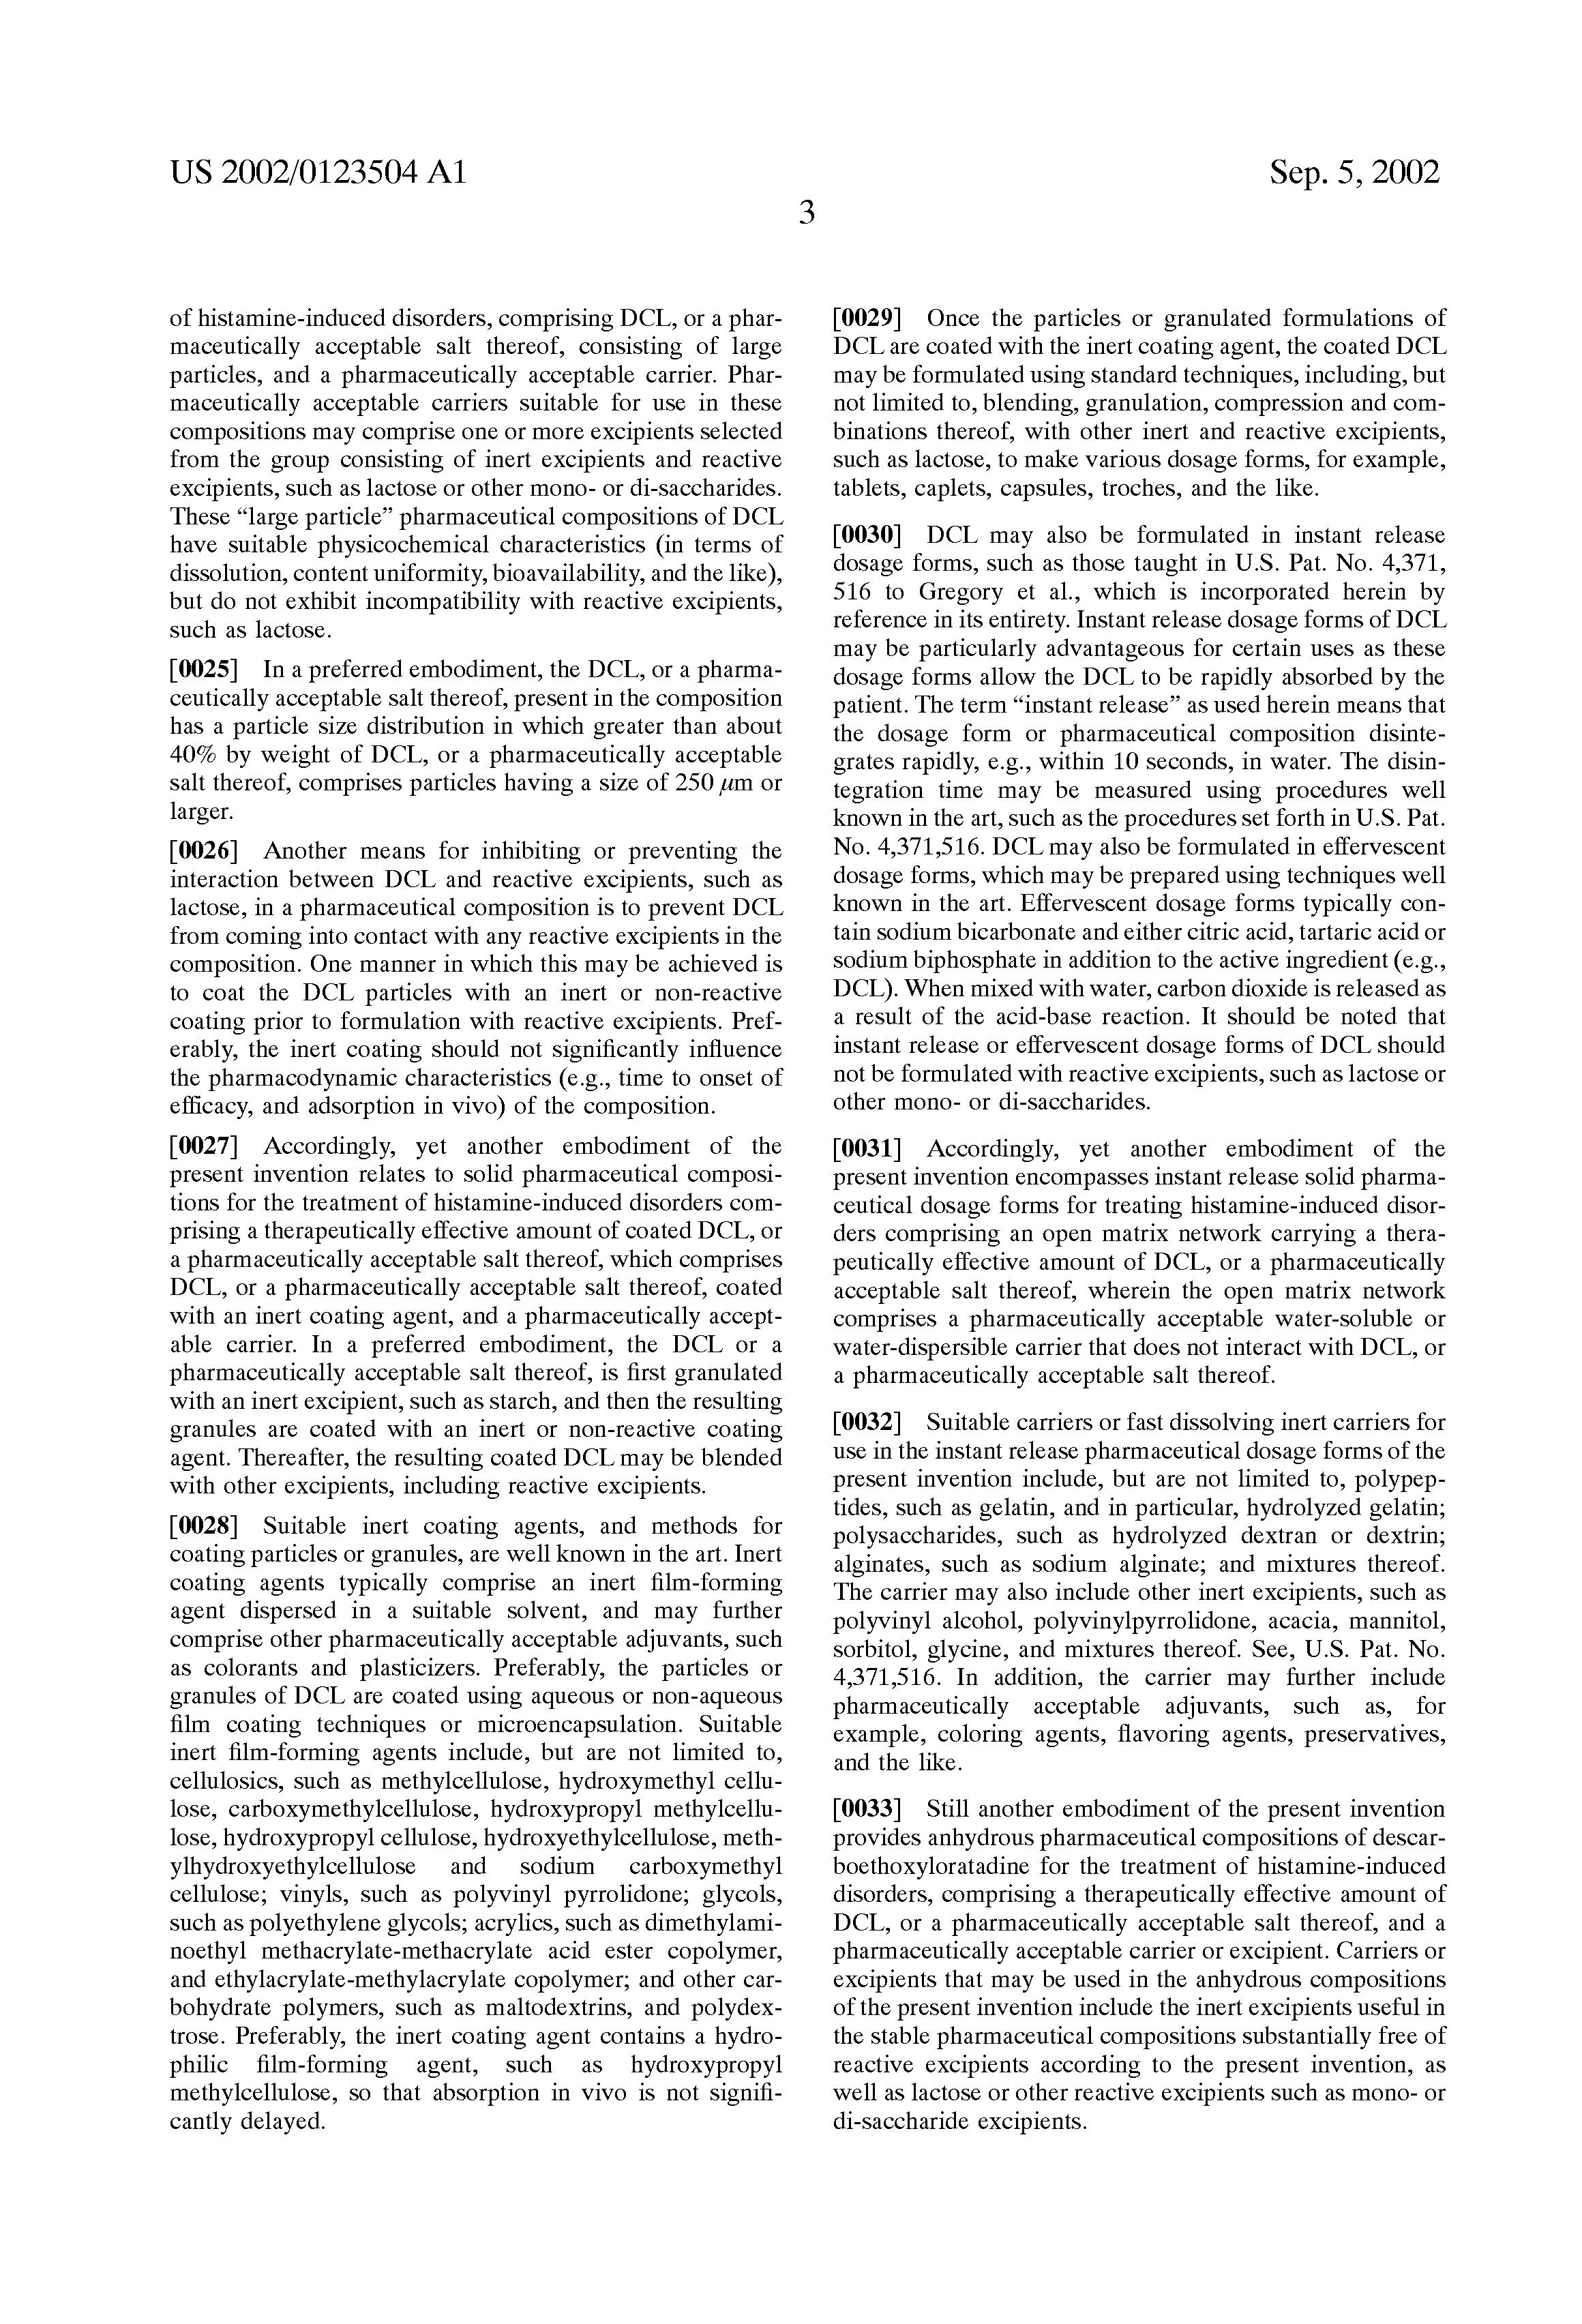 United States v. Alvarez Essay